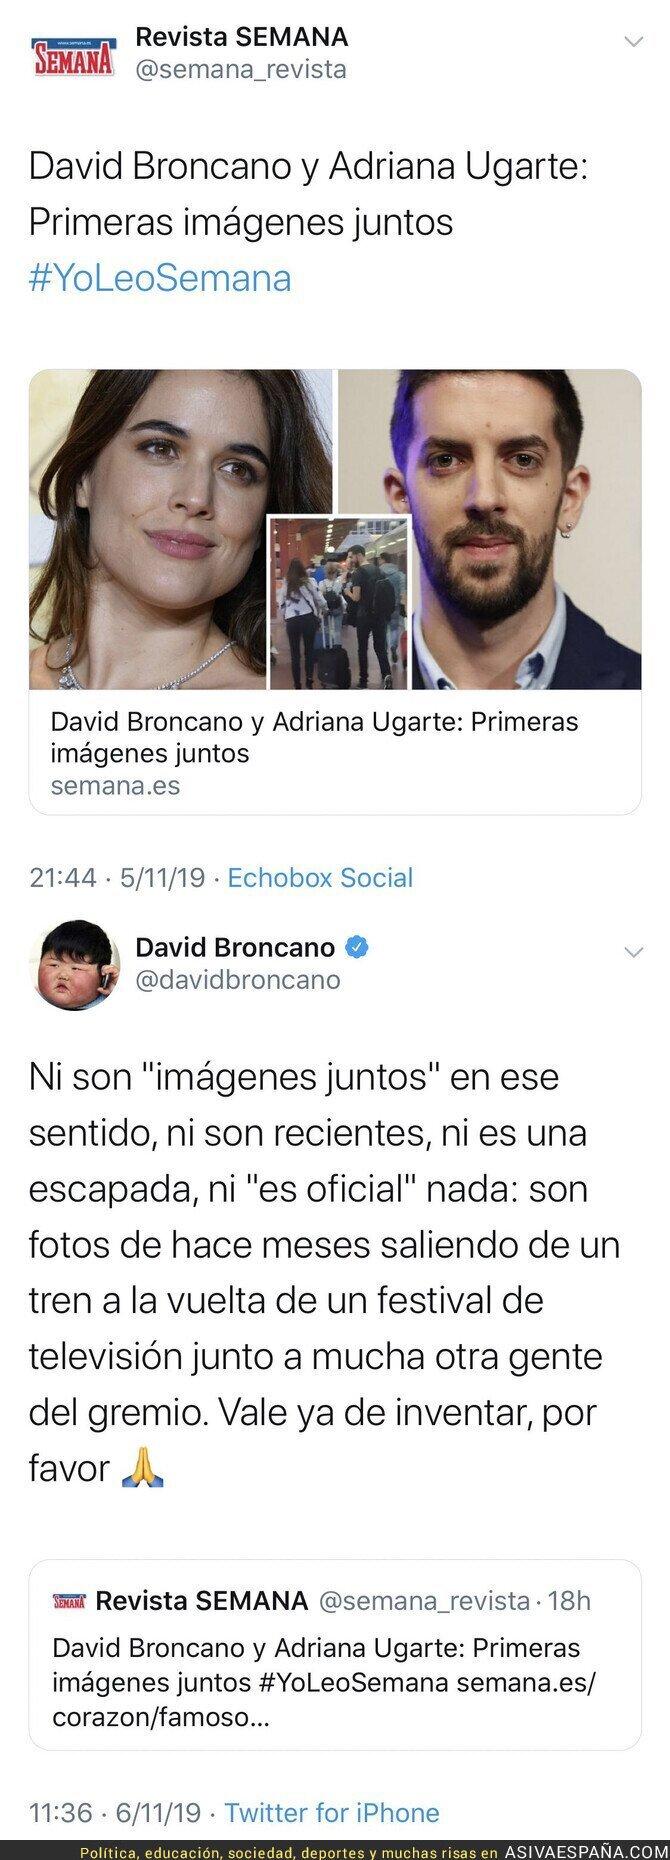 126378 - David Broncano responde de la mejor forma posible a la Revista SEMANA tras publicar estas fotos de él con Adriana Ugarte paseando por la calle